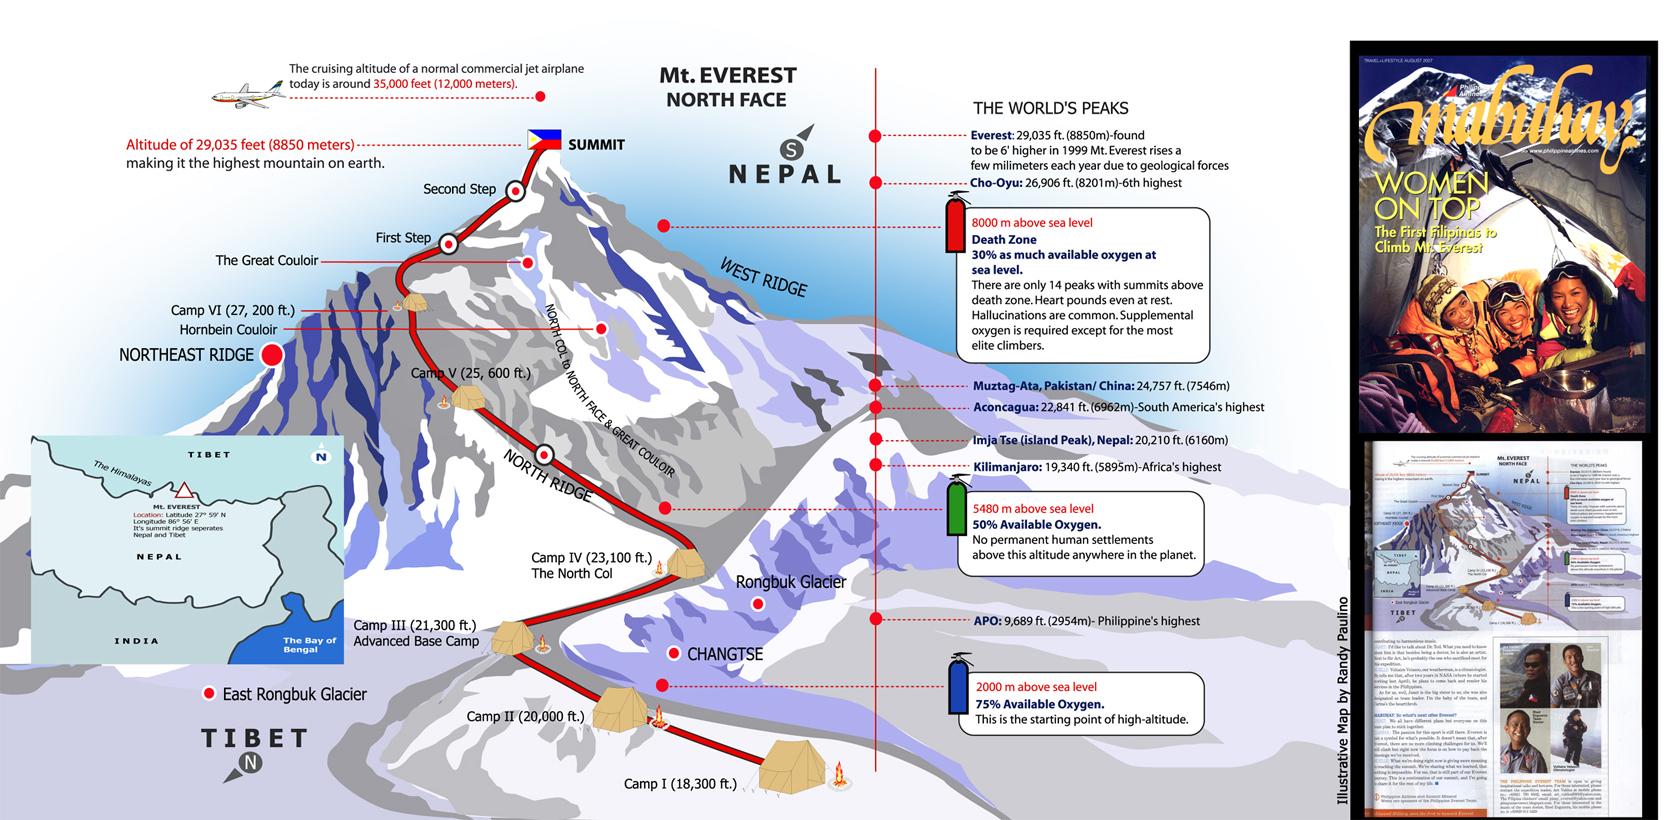 Mt. Everest Illustrative Map by antworksdigital on DeviantArt